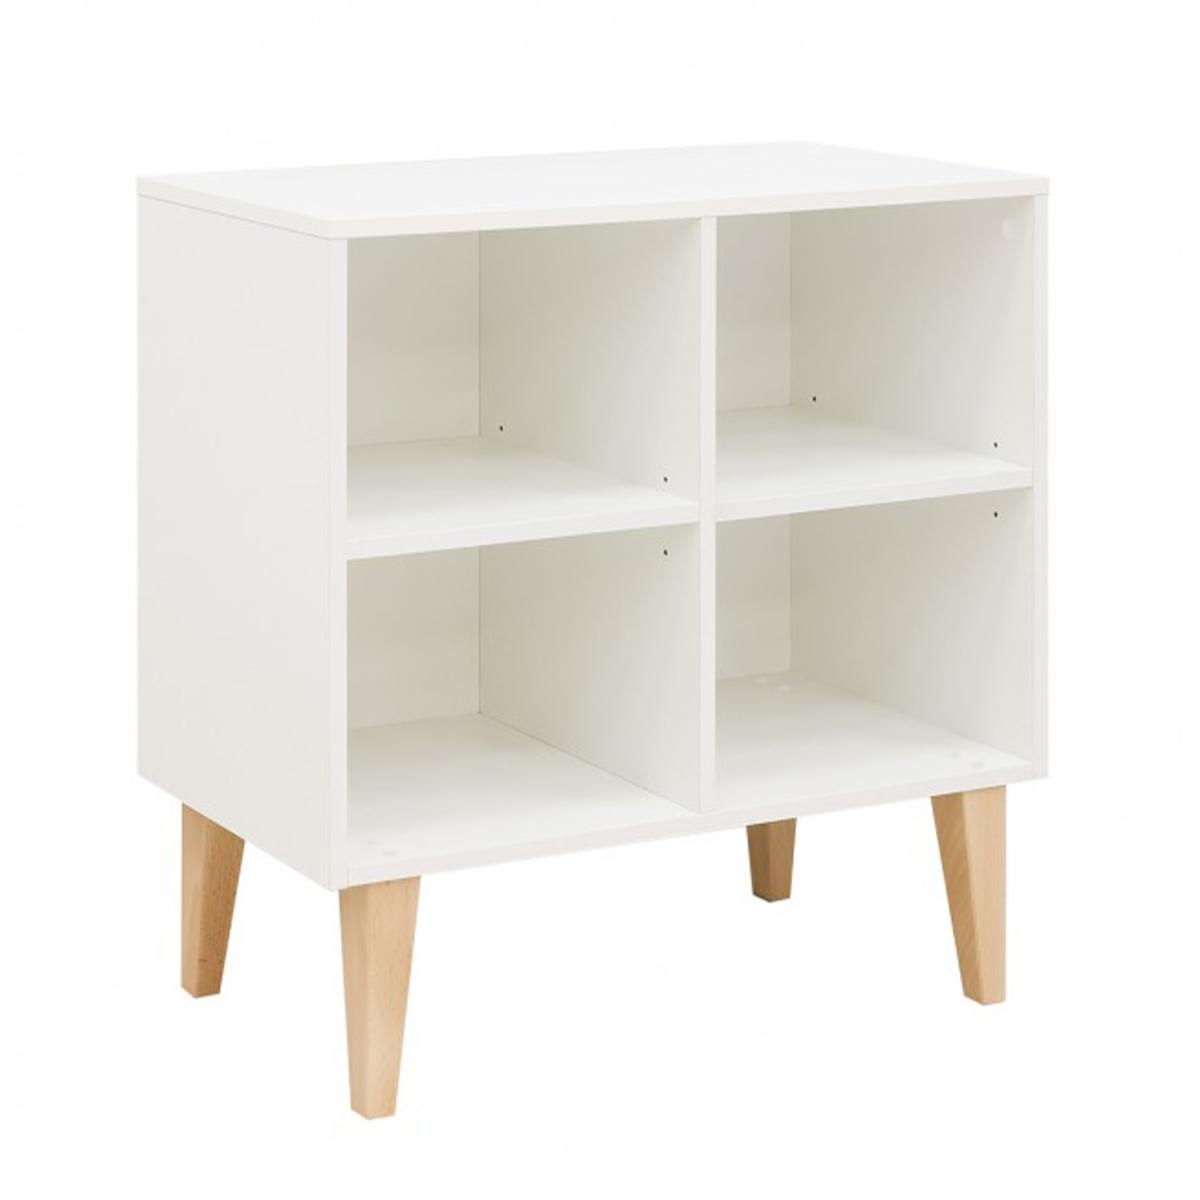 Bibliothèque basse 4 niches blanc bois naturel